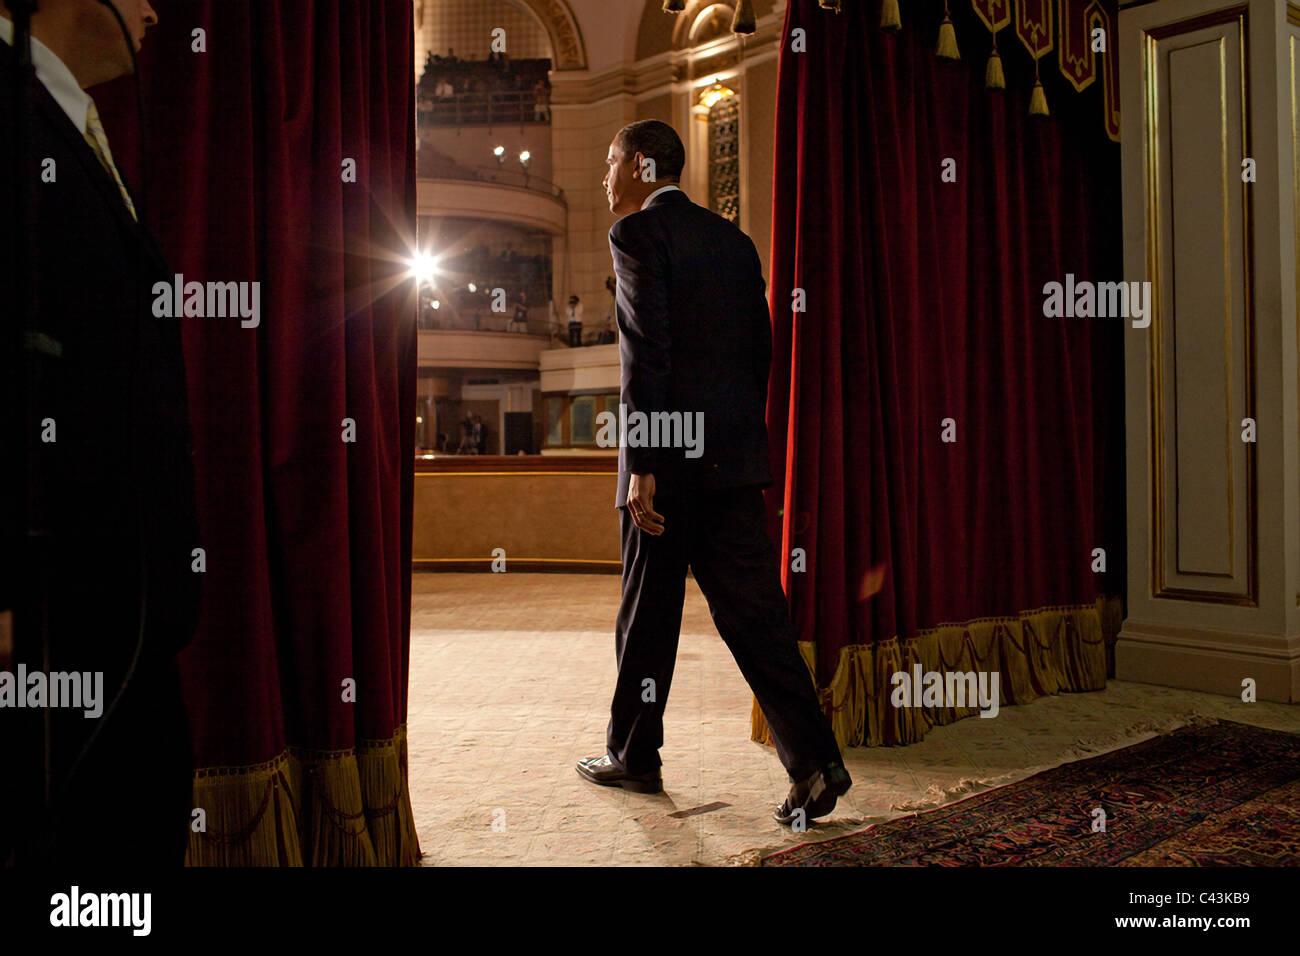 President Barack Obama speaks at Cairo University in Cairo - Stock Image